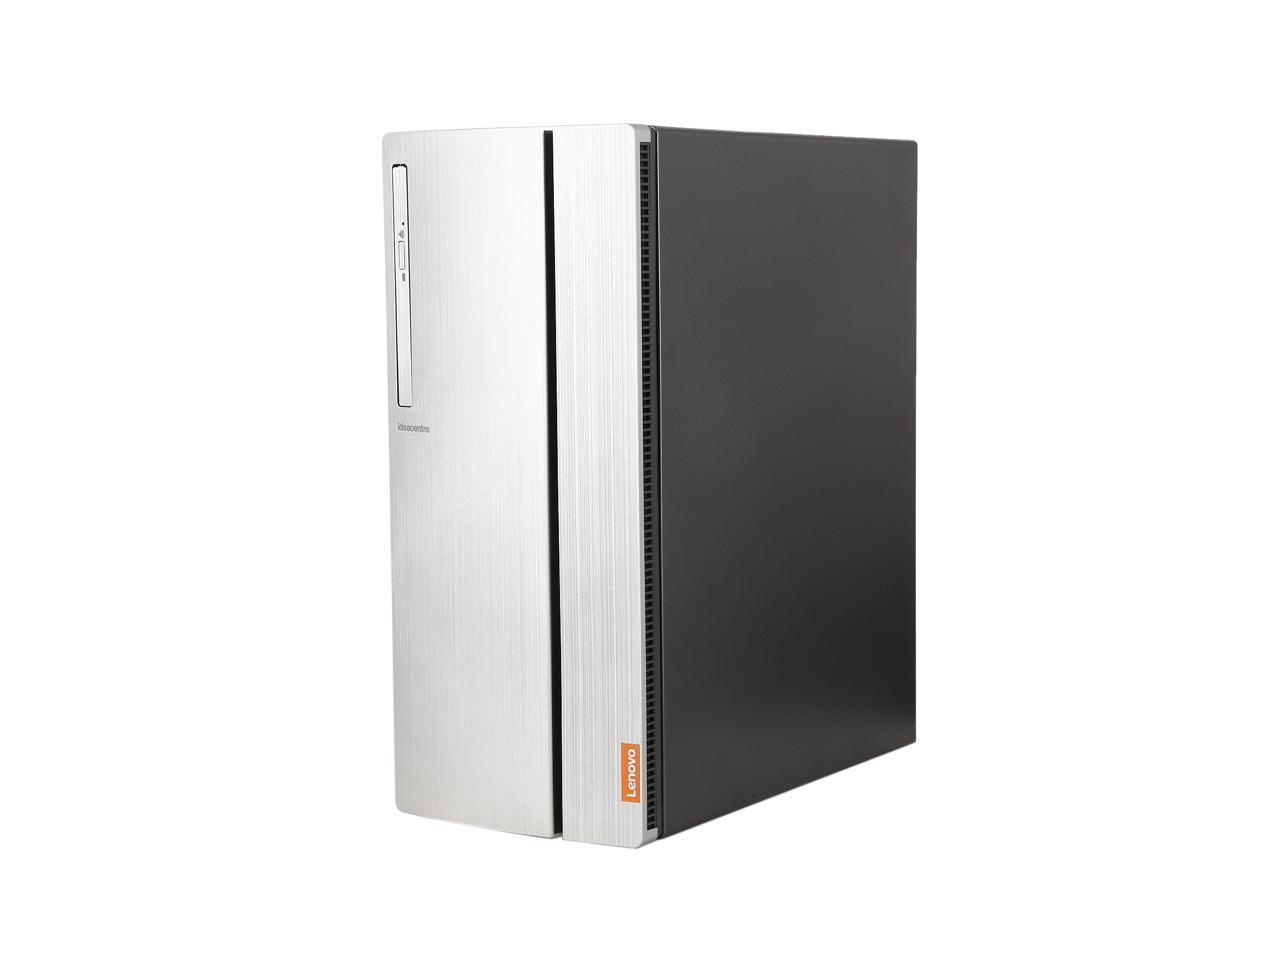 Lenovo IdeaCentre 720-18ASU Desktop with AMD Quad Core Ryzen 3 1200 / 8GB / 1TB / Win 10 / 2GB Video